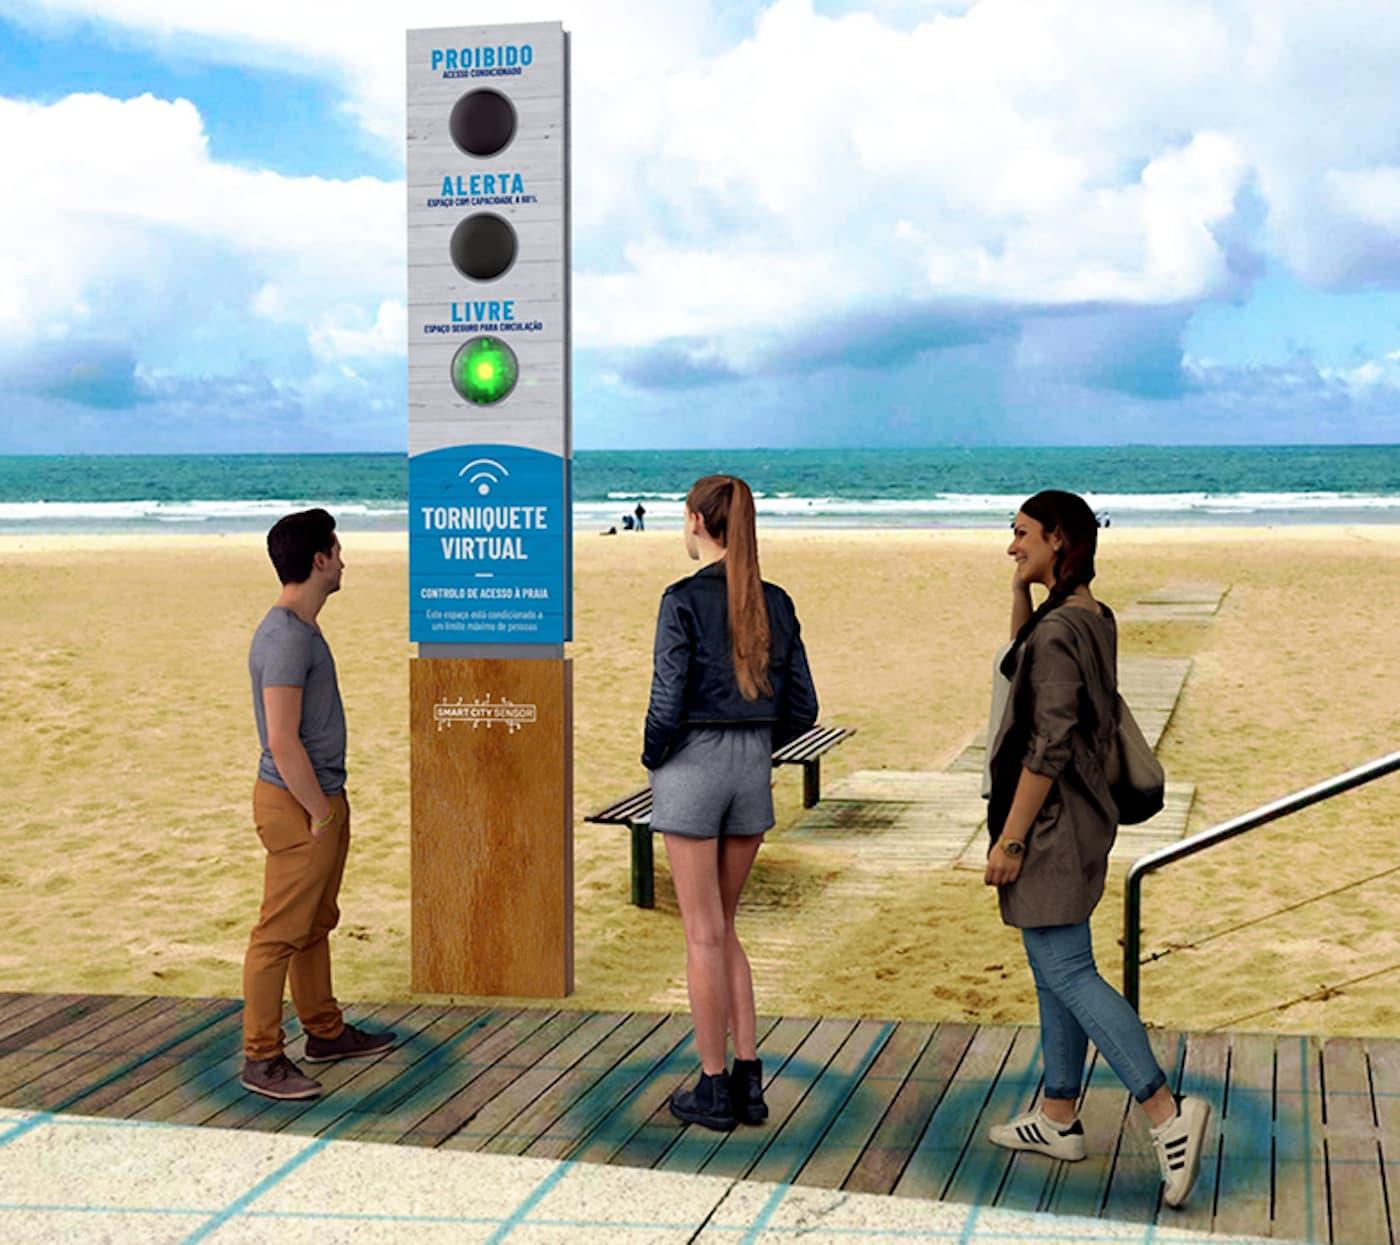 Semaforo Praia Proibido, Alerta E Livre. Este É O Semáforo Que Vai Estar Nas Praias